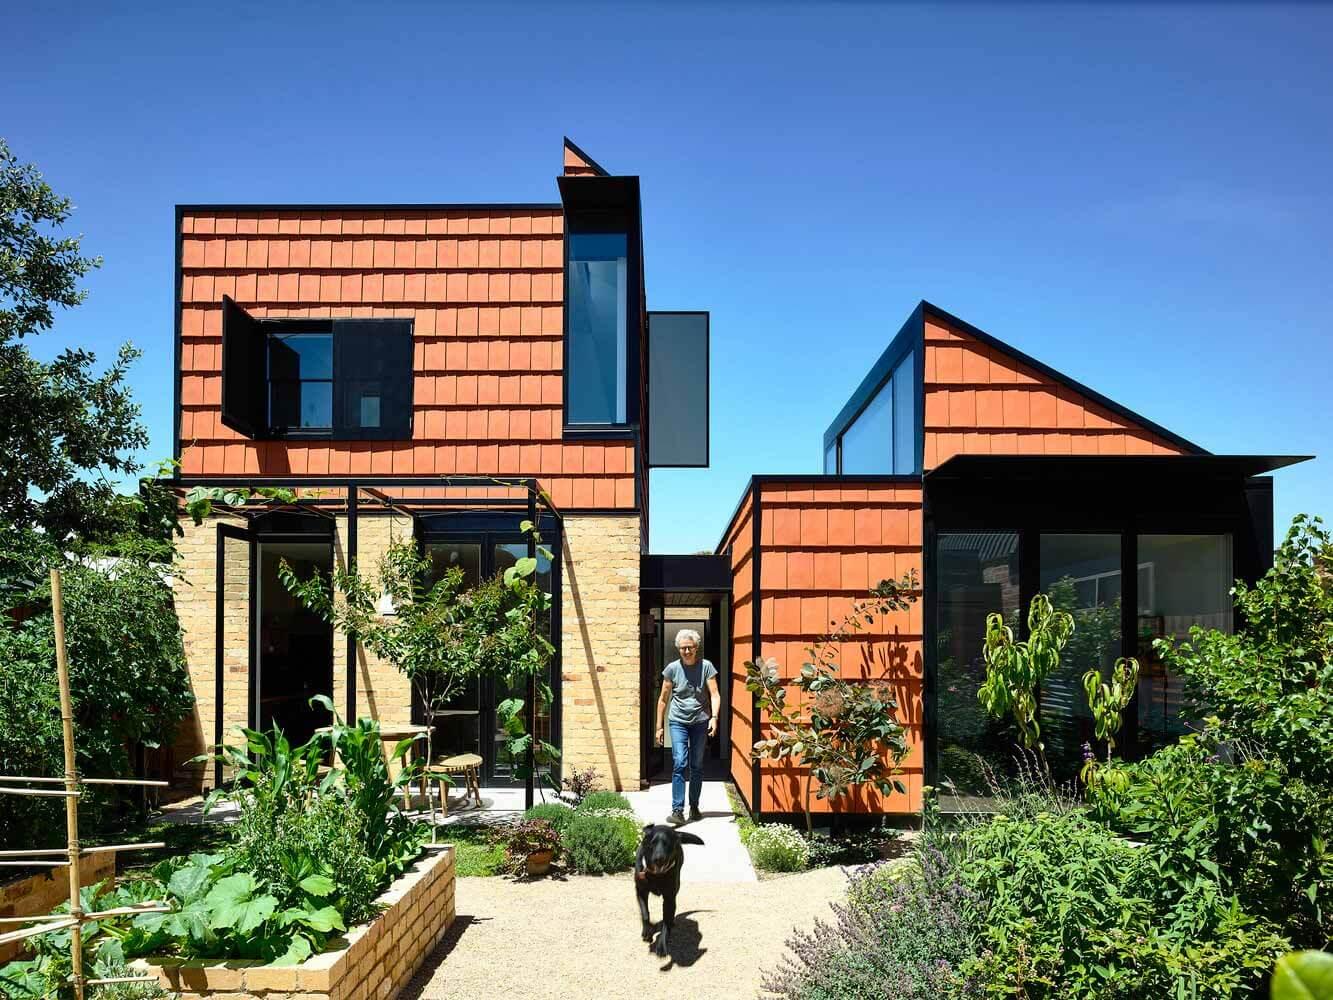 Домашние сады: жилые проекты с участием сельского хозяйства